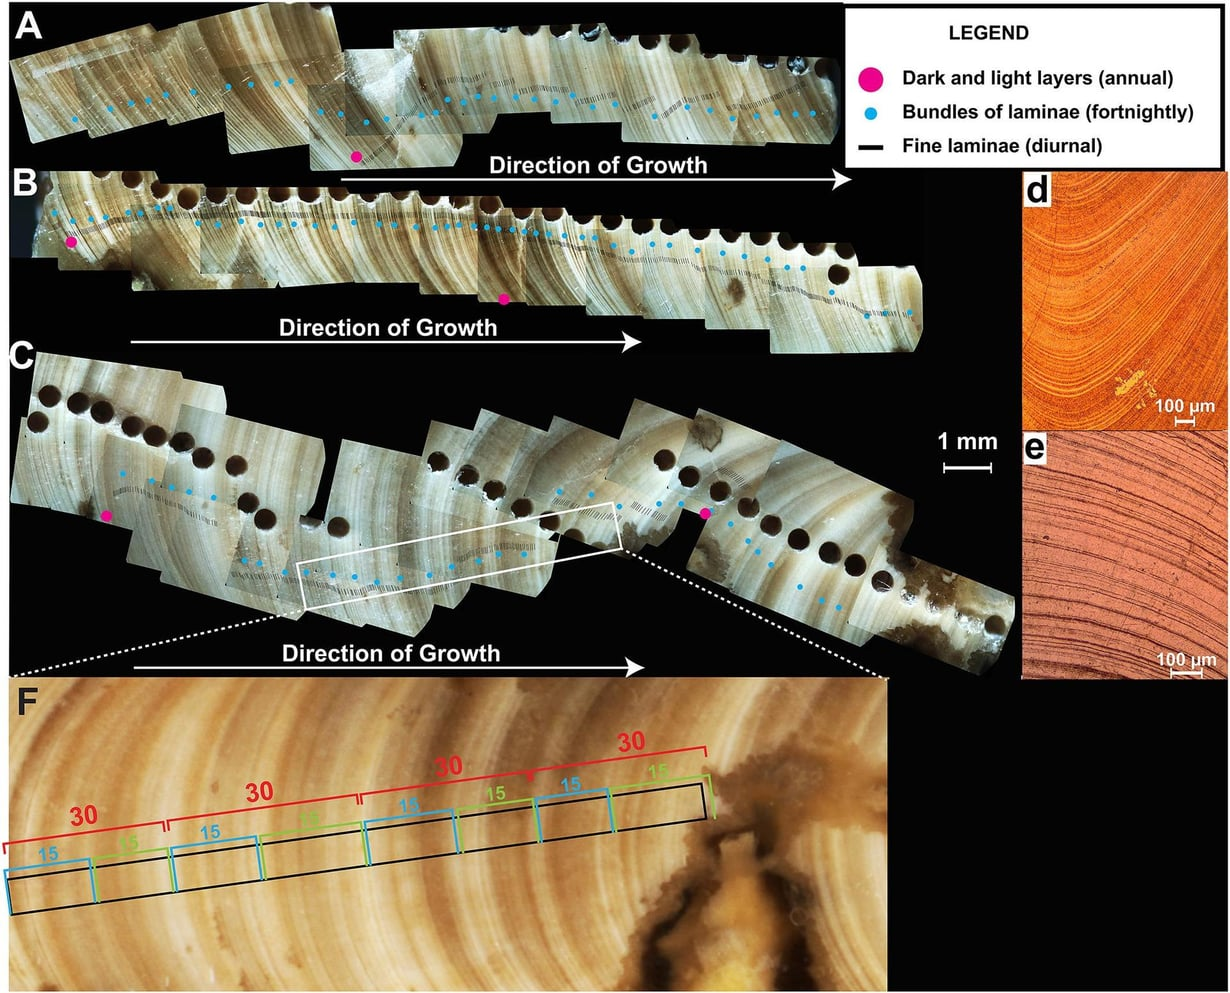 Simpukan läpileikkaus ja sen kerrokset näyttävät tutkijalle, kuinka simpukka eli ja kasvoi vuodenaikojen mukaan 70 miljoonaa vuotta sitten. Nuoli näyttää kasvun suunnan. Punaiset pisteet näyttävät kasvun yhden vuoden aikana. Siniset pisteet kuvaavat kahden viikon jaksoja. Kuva: AGU